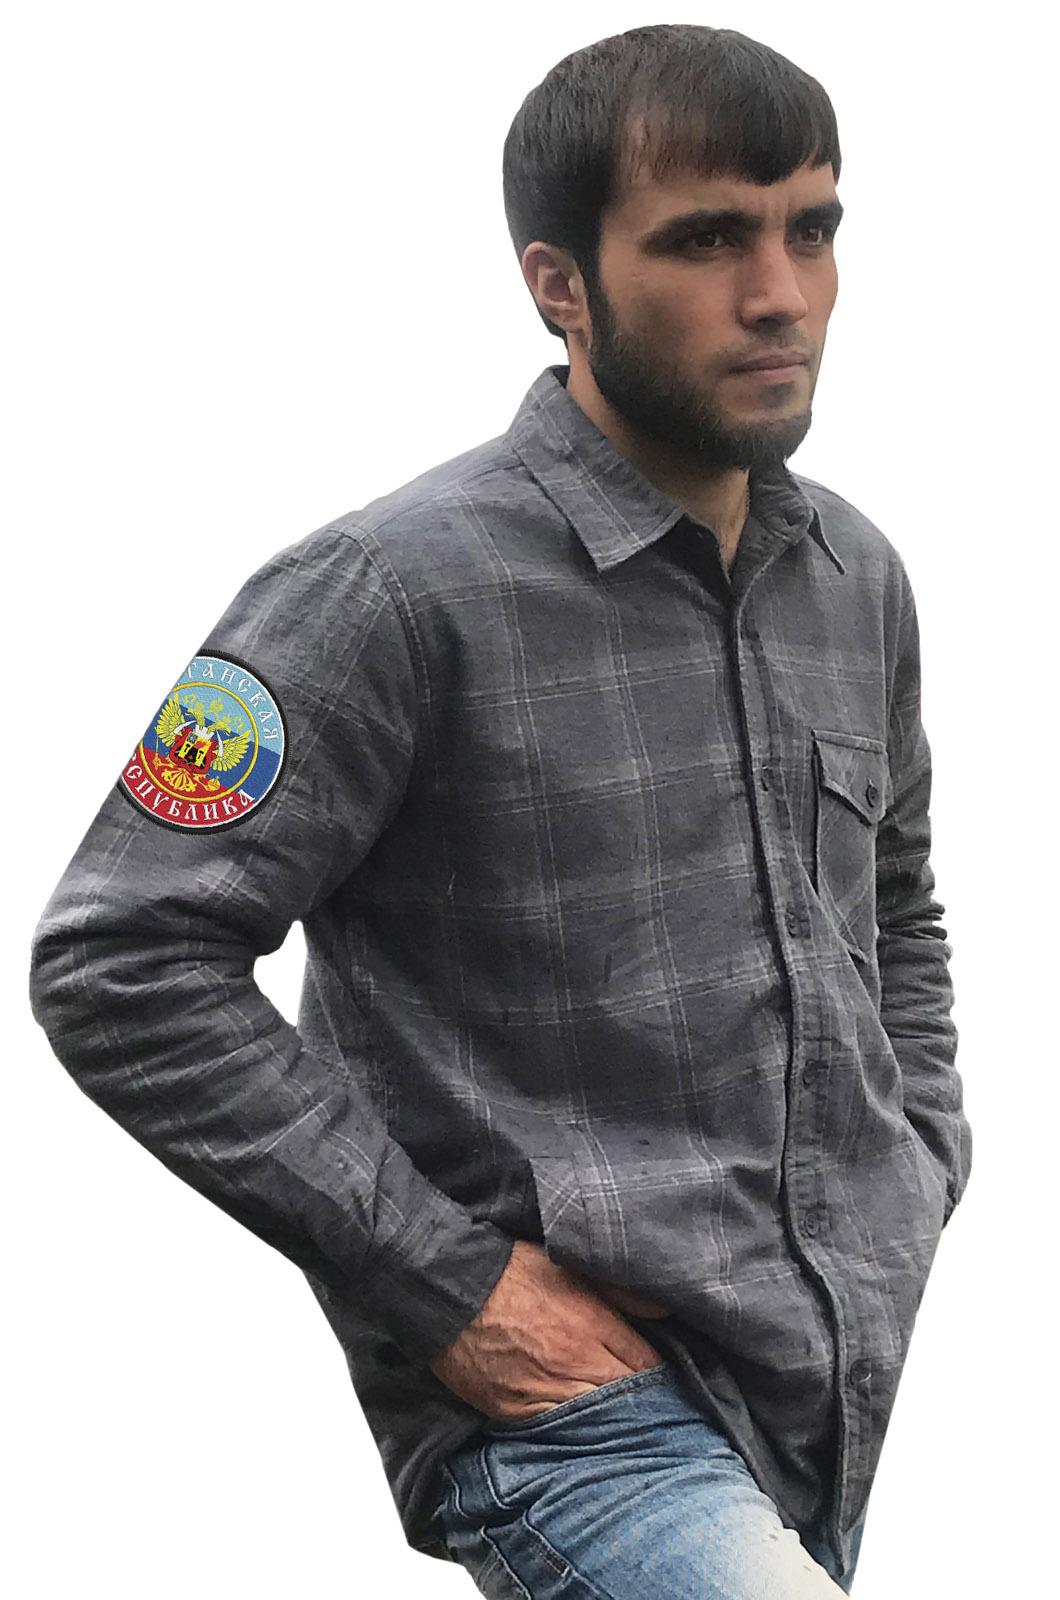 Классическая клетчатая рубашка с вышитым шевроном ЛНР